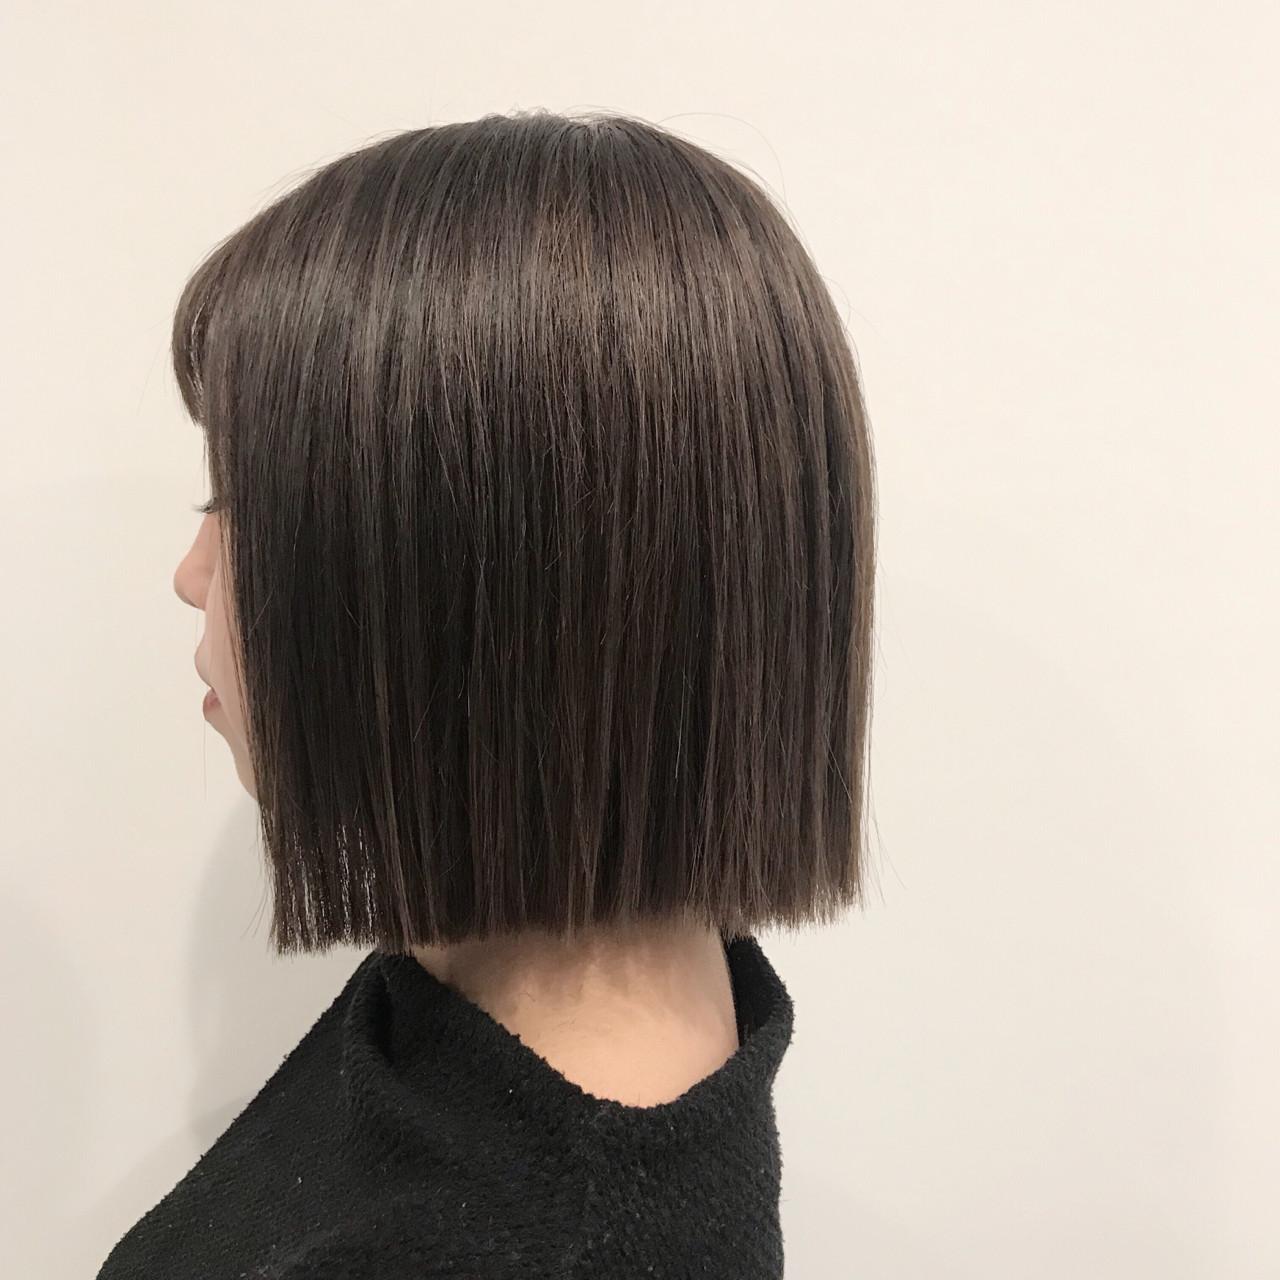 グレージュ ナチュラル 切りっぱなし ハイライト ヘアスタイルや髪型の写真・画像   Teppei / freelance